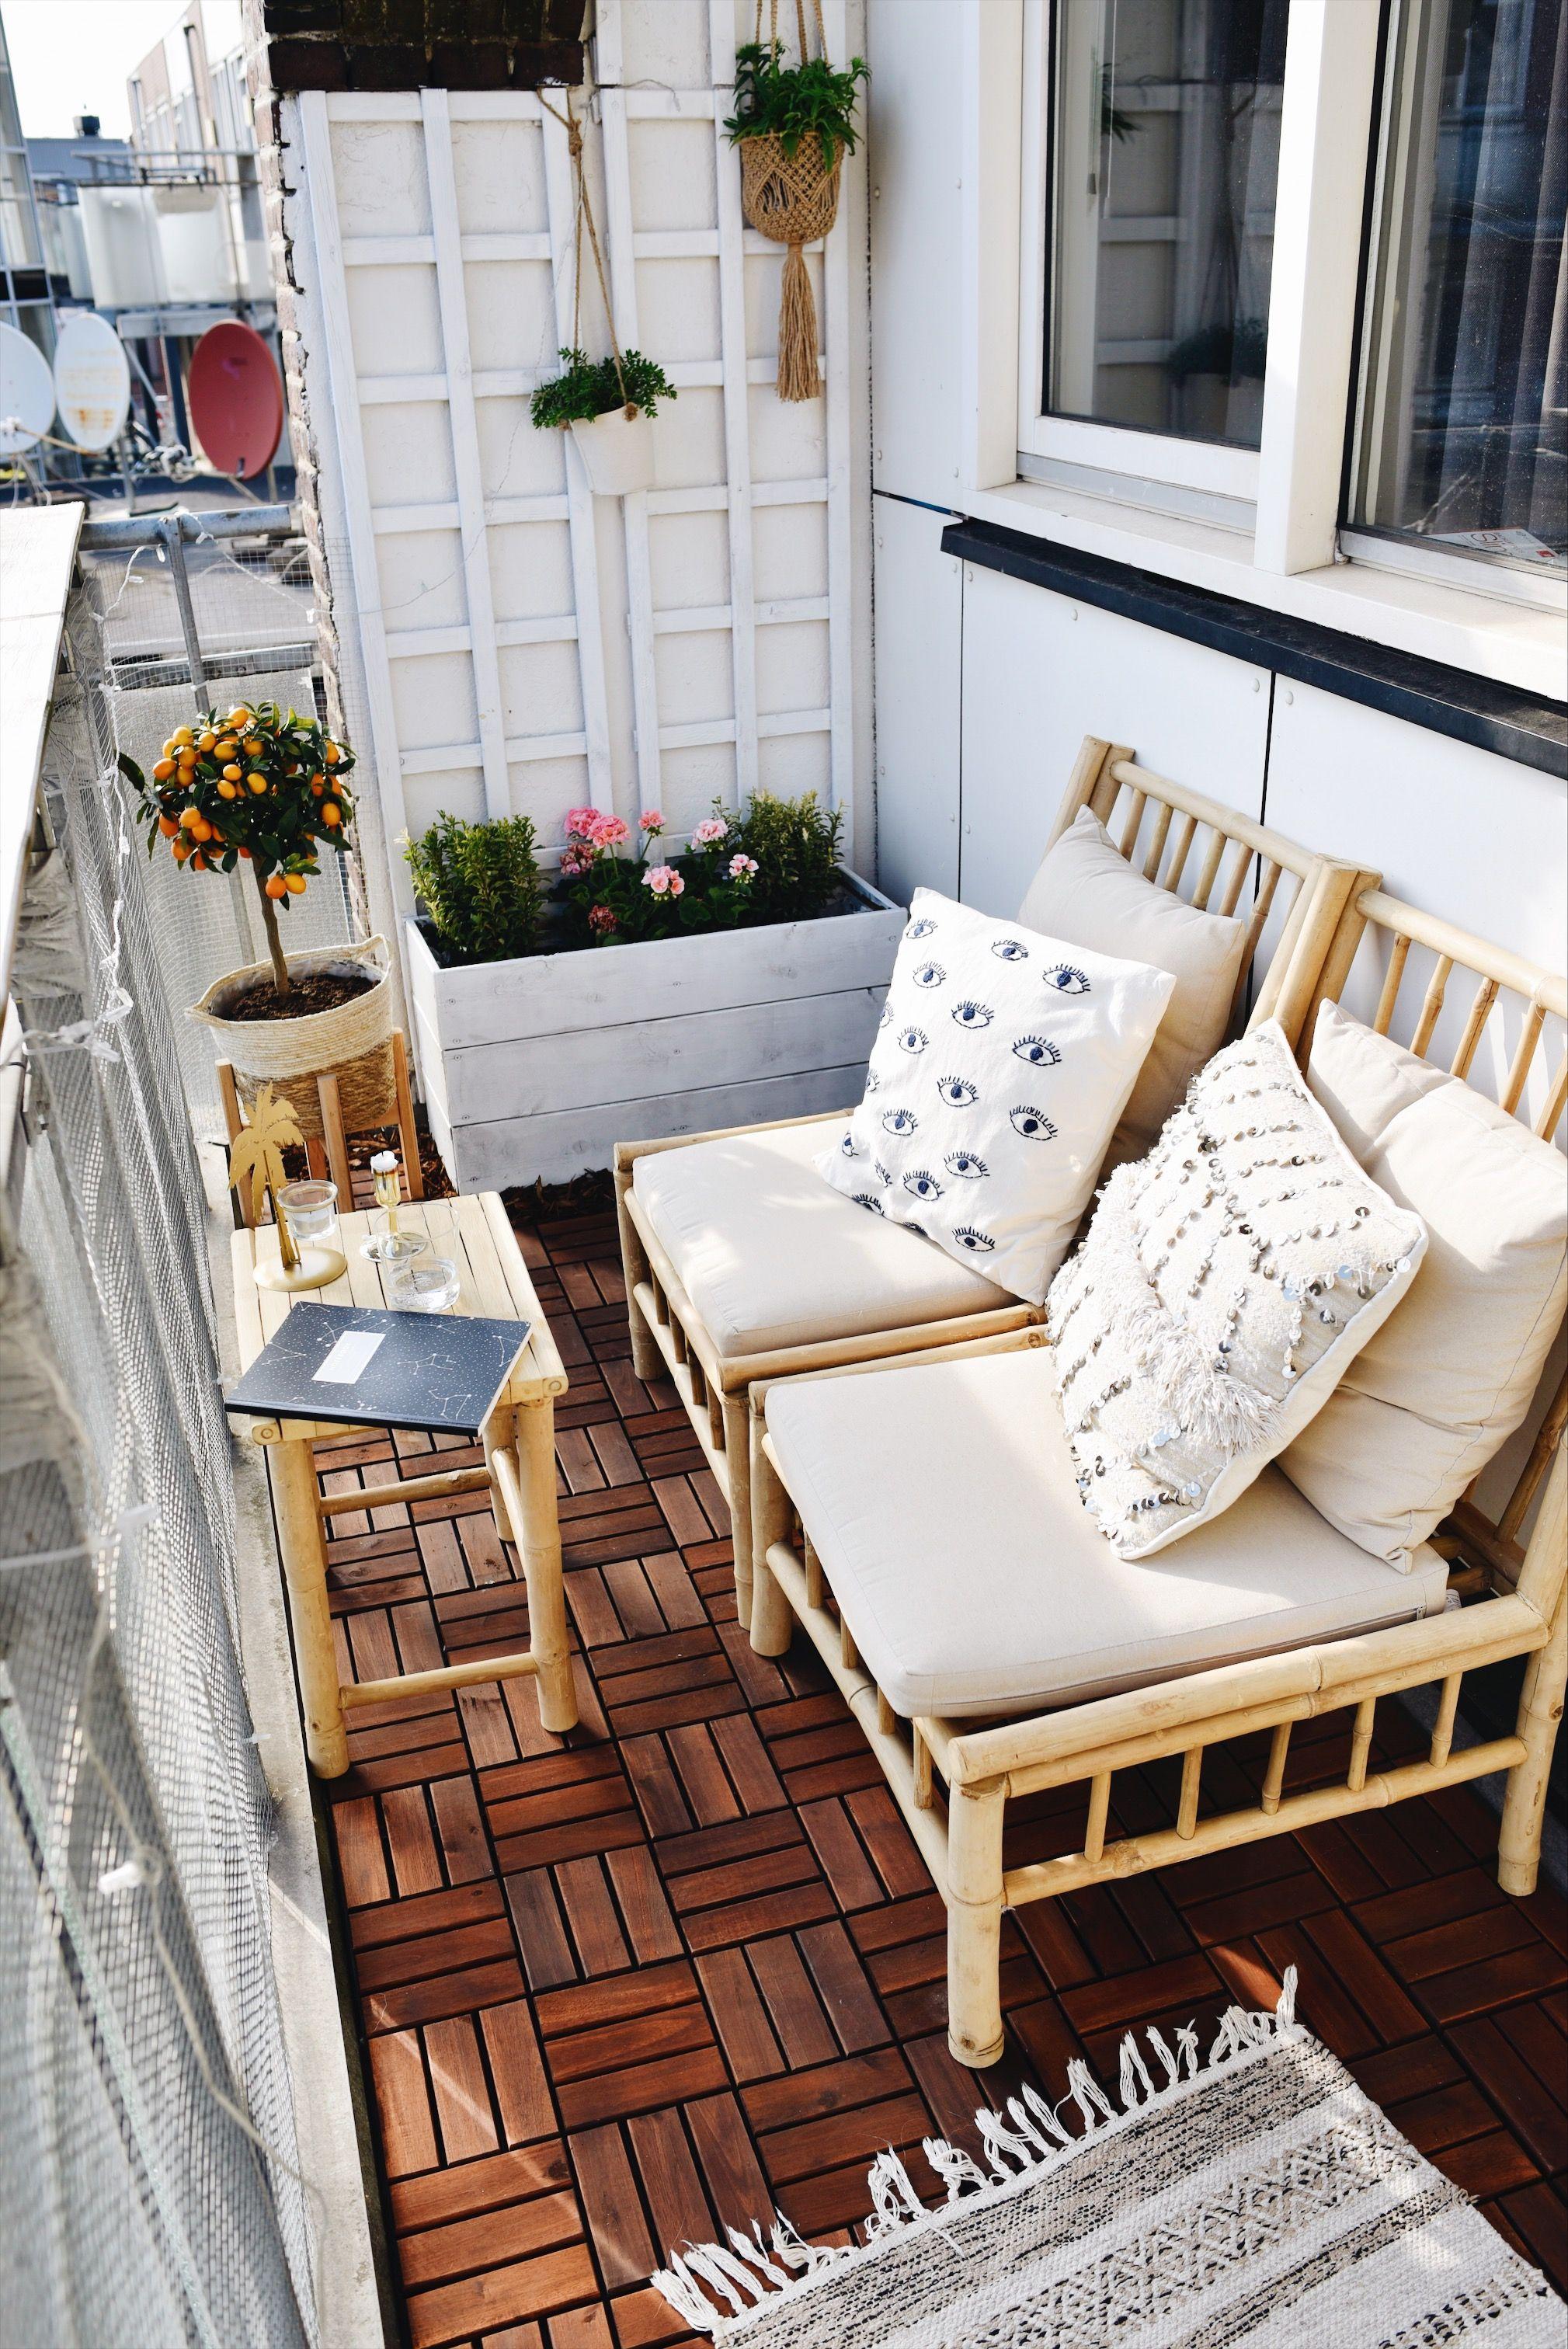 Pin Van Marjo Okken Op Mellow Klein Balkon Decor Decoratie Voor Balkon Van Appartement Patio Decor